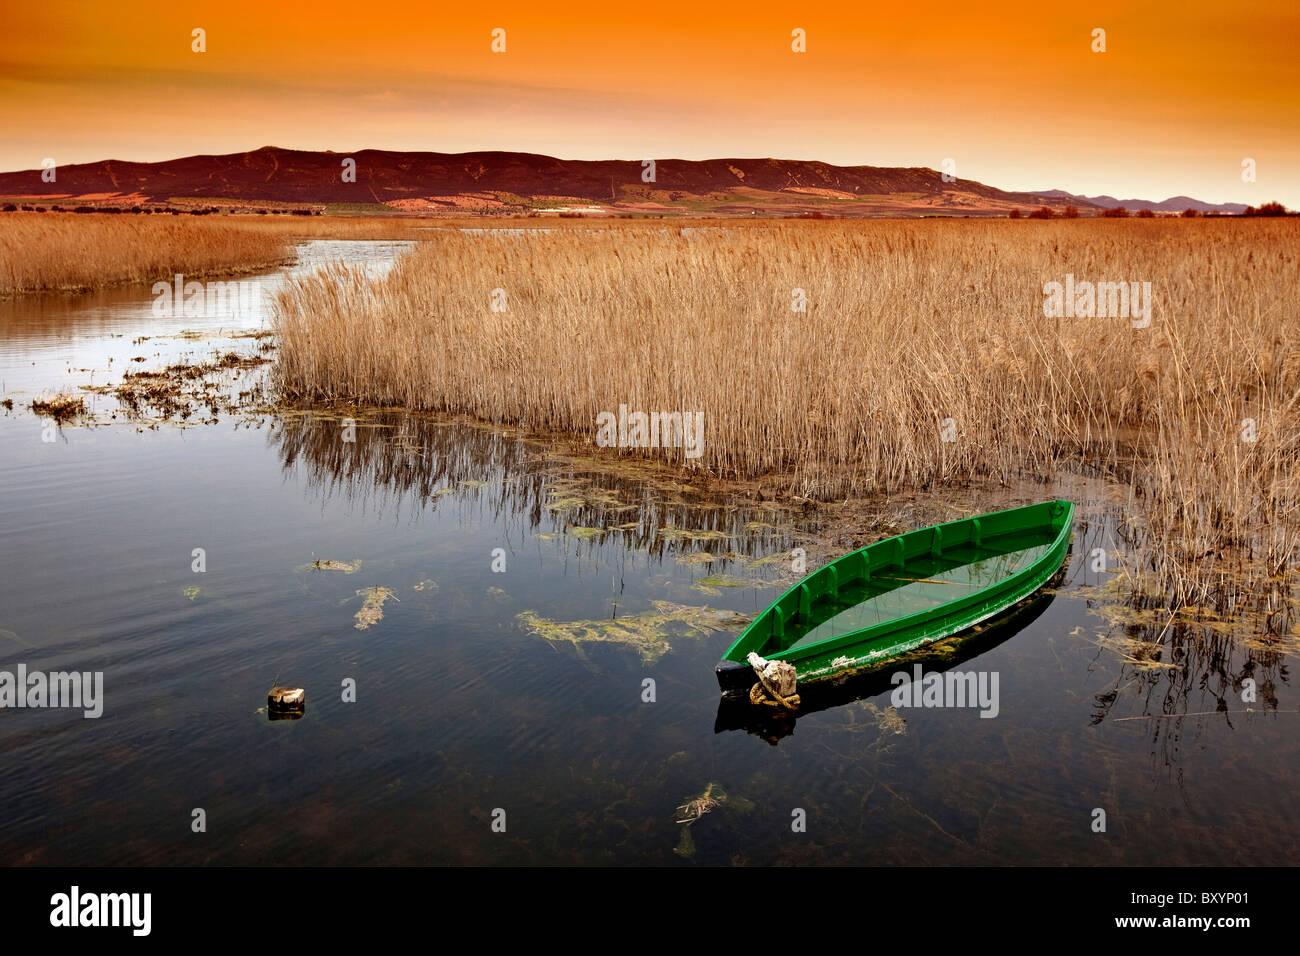 Barca en el Parque Nacional de Las Tablas de Daimiel Ciudad Real Castilla La Mancha España Parque Nacional Imagen De Stock